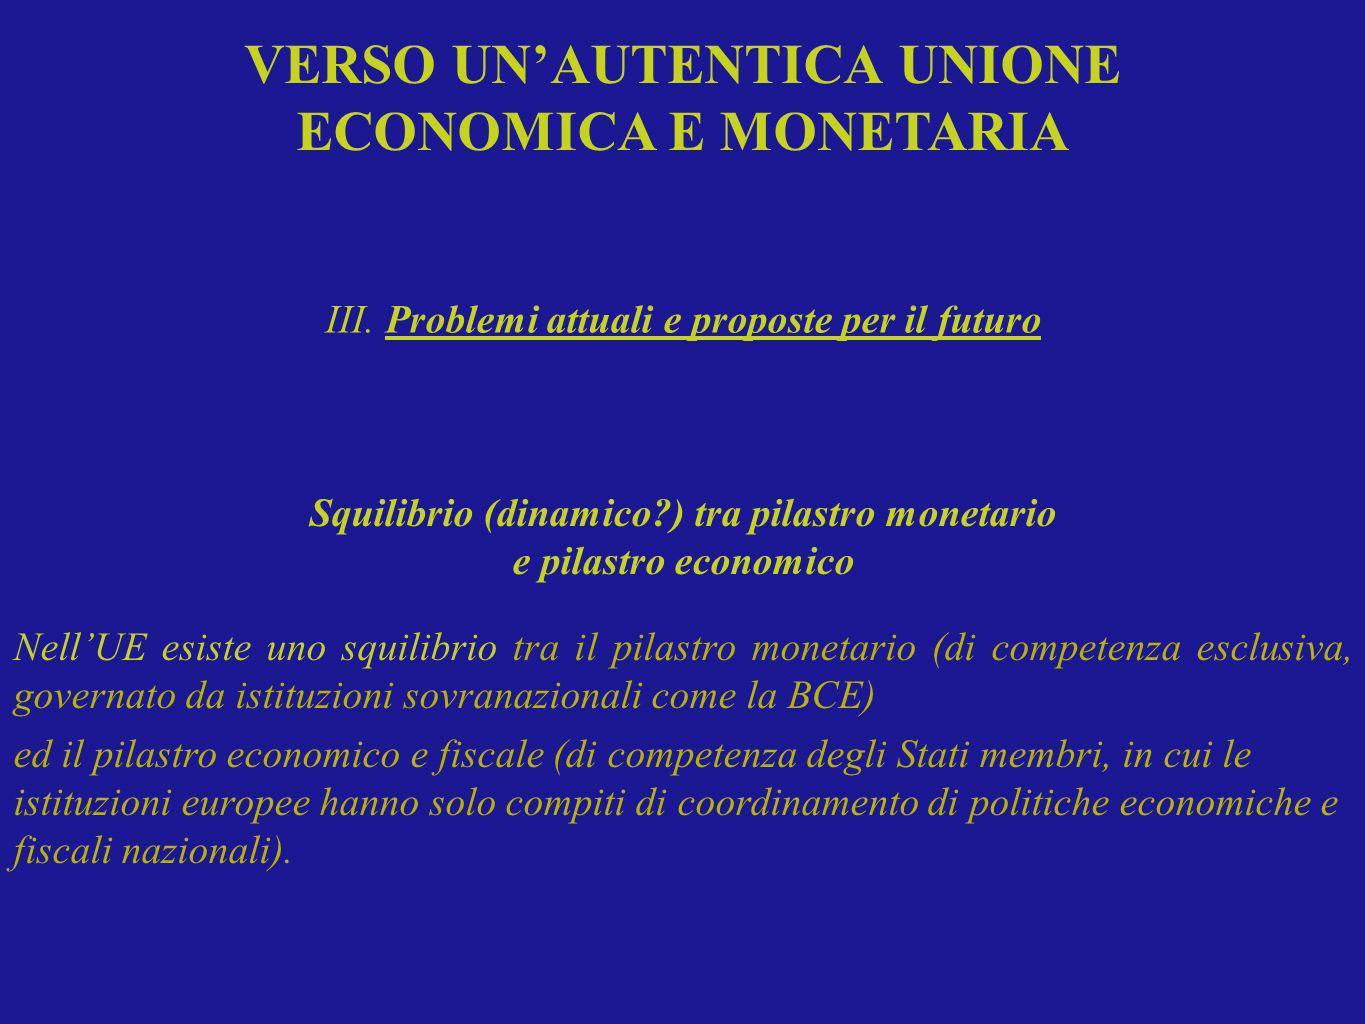 Squilibrio (dinamico?) tra pilastro monetario e pilastro economico NellUE esiste uno squilibrio tra il pilastro monetario (di competenza esclusiva, go